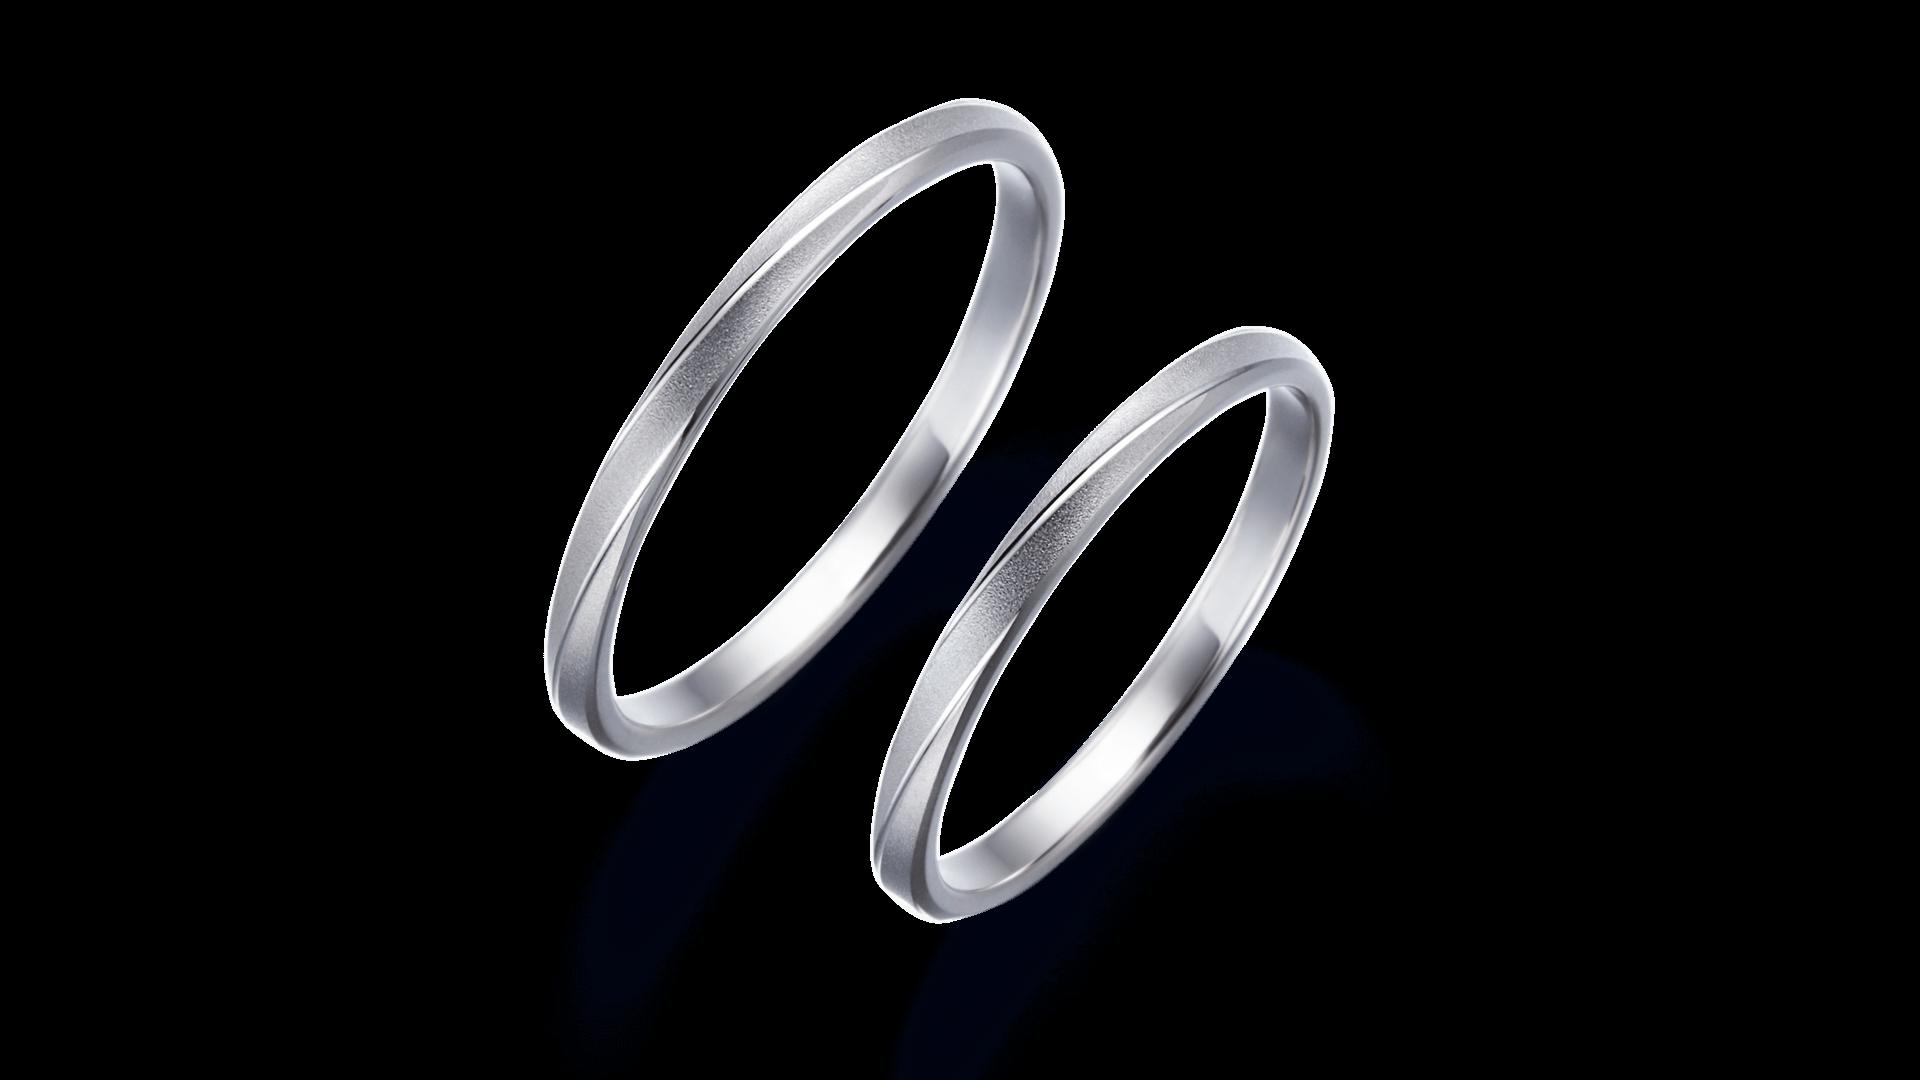 hyades ヒュアデス | 結婚指輪サムネイル 2